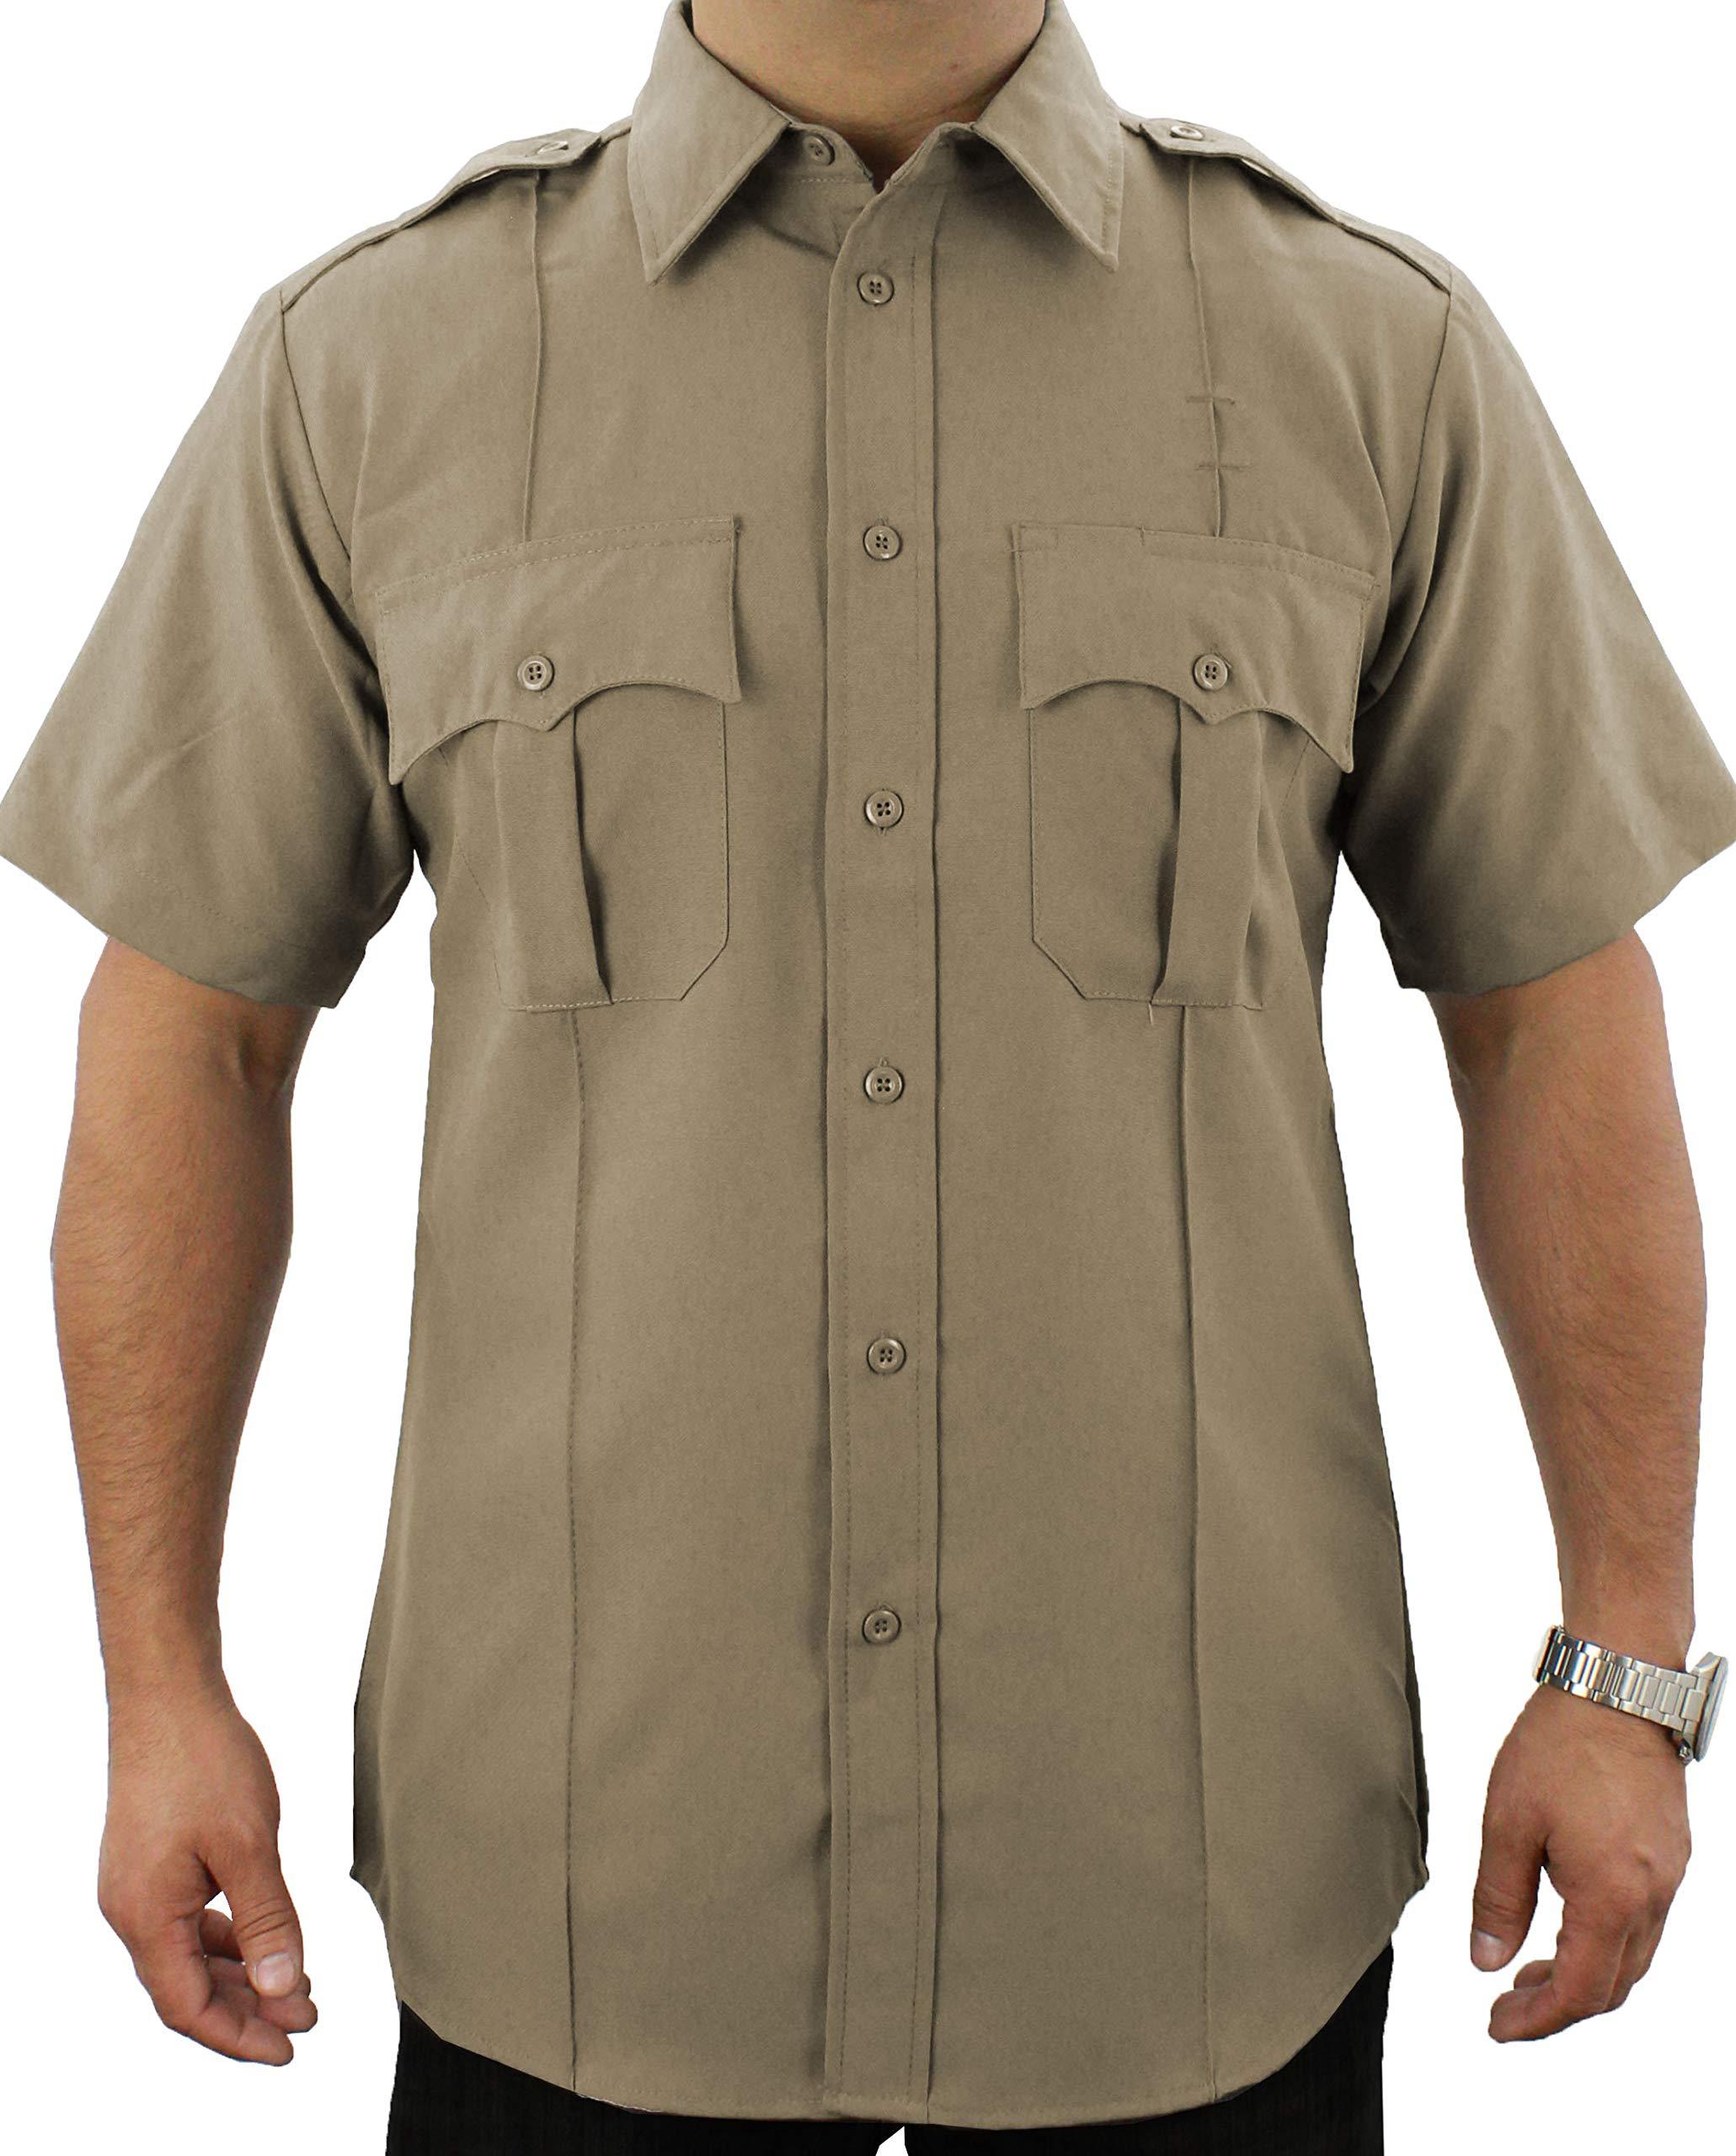 First Class Short-Sleeve Uniform Shirt 1XL Tan by First Class